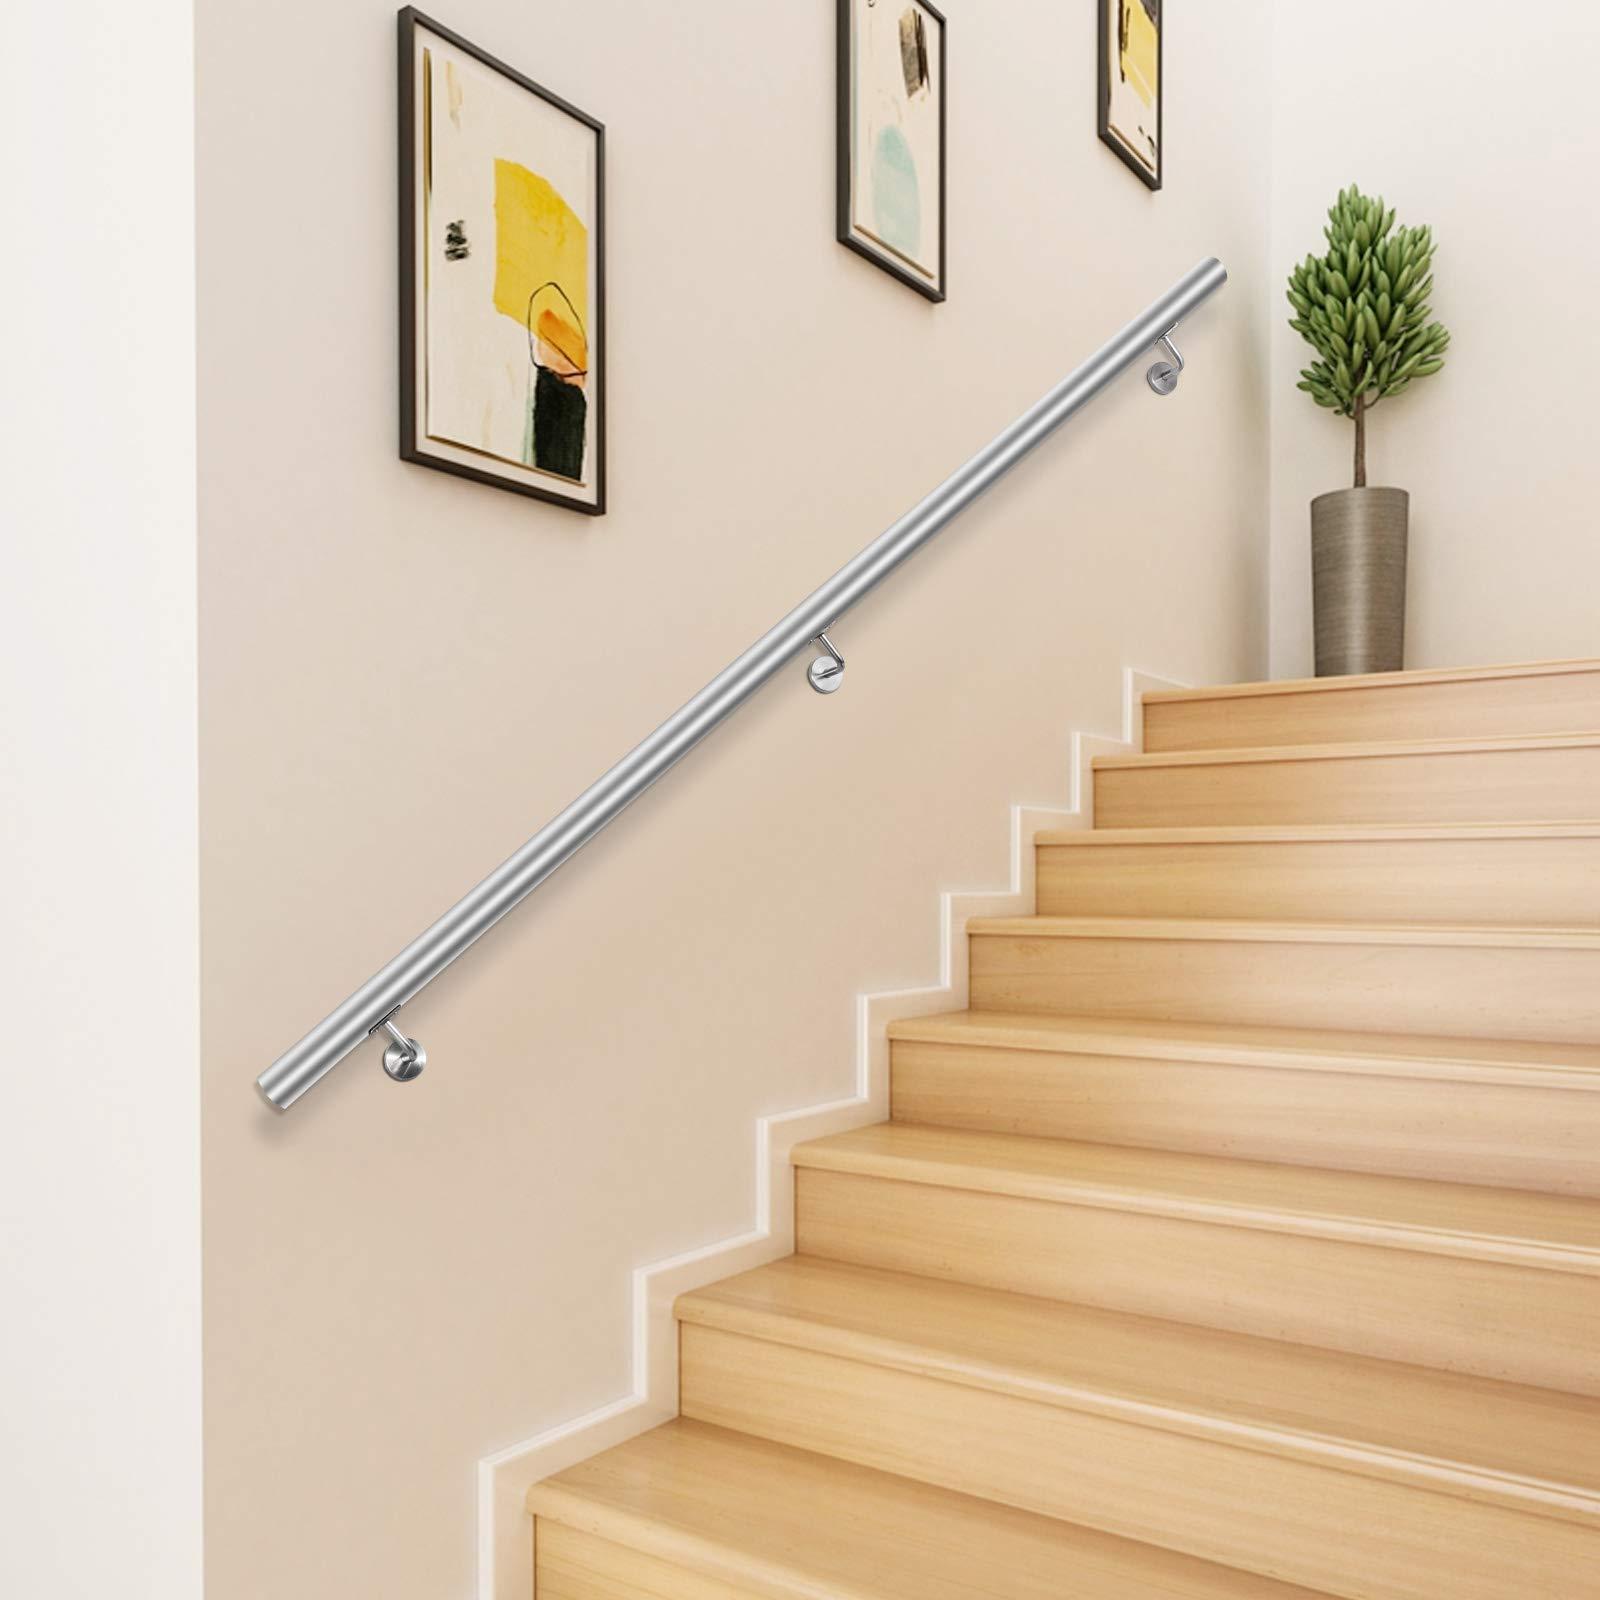 VEVOR Pasamanos de Escaleras 91.4 cm Pasamanos de Acero Inoxidable 91.4 cm Pasamanos Escalera con Soporte y Tacos Metálicos Barandillas de Acero Inoxidable para Interiores y Exteriores Escaleras: Amazon.es: Bricolaje y herramientas